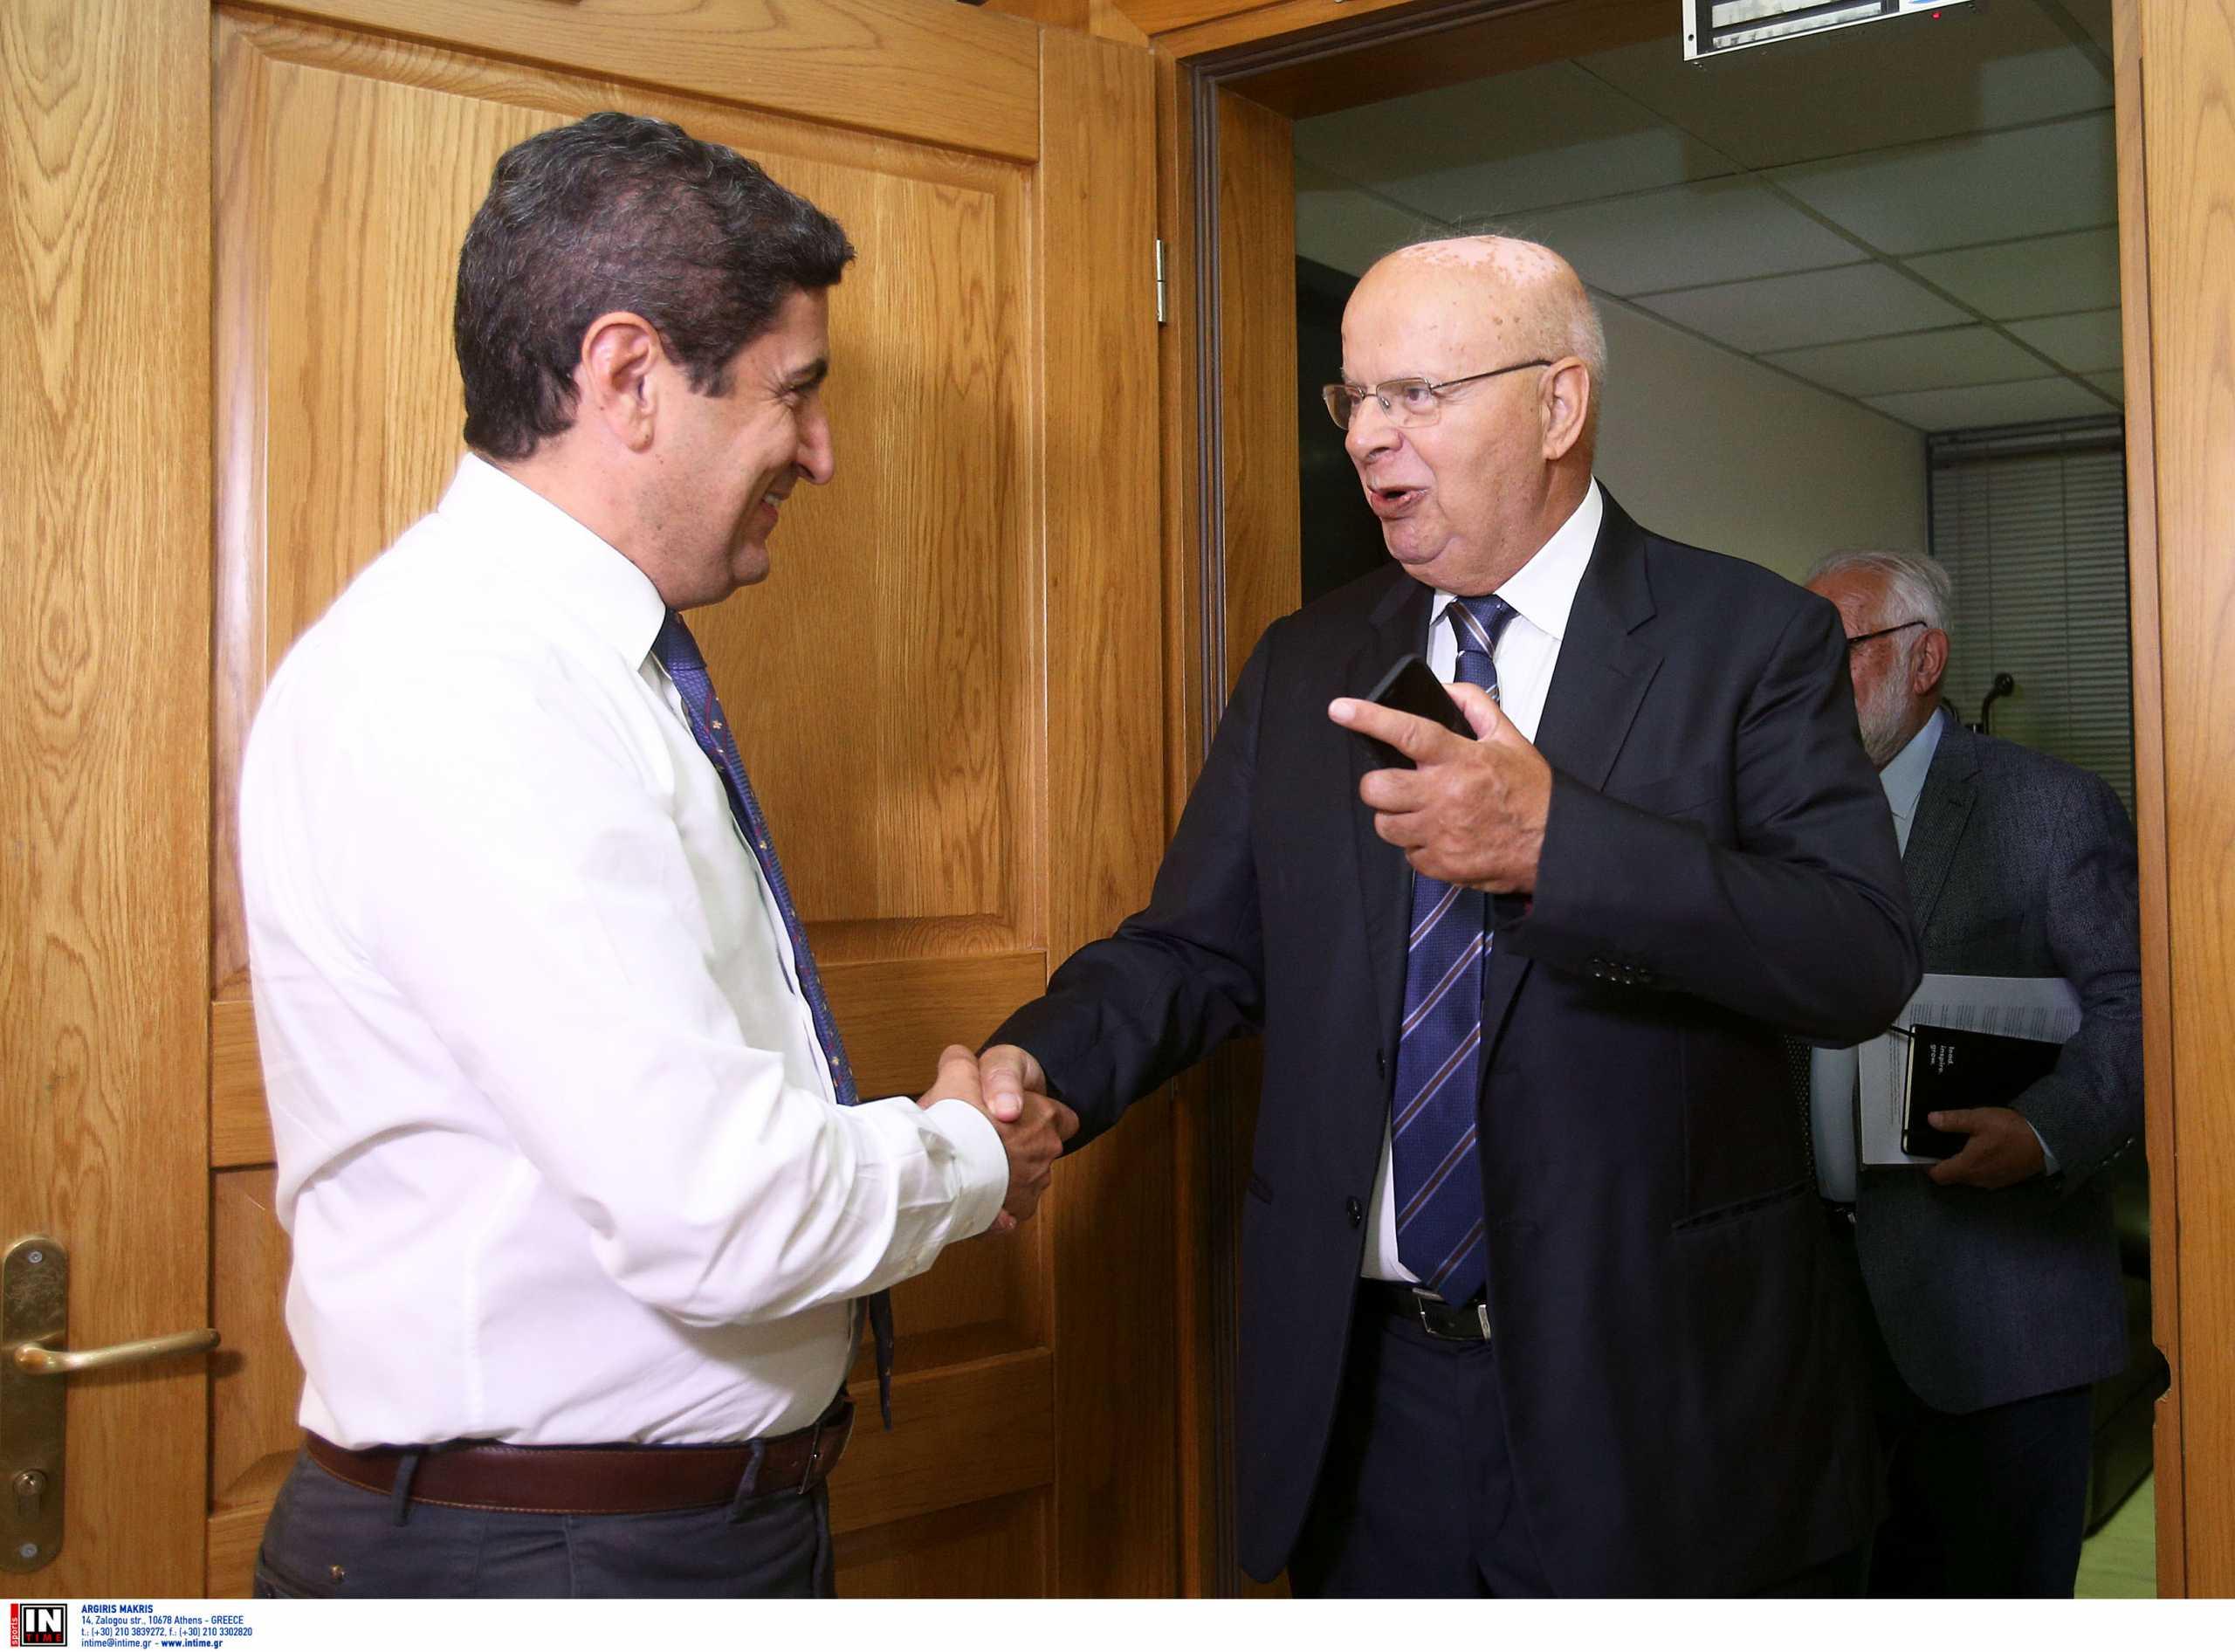 Βασιλακόπουλος: «Νομοθετική επέμβαση που προσβάλει το αθλητικό κίνημα»